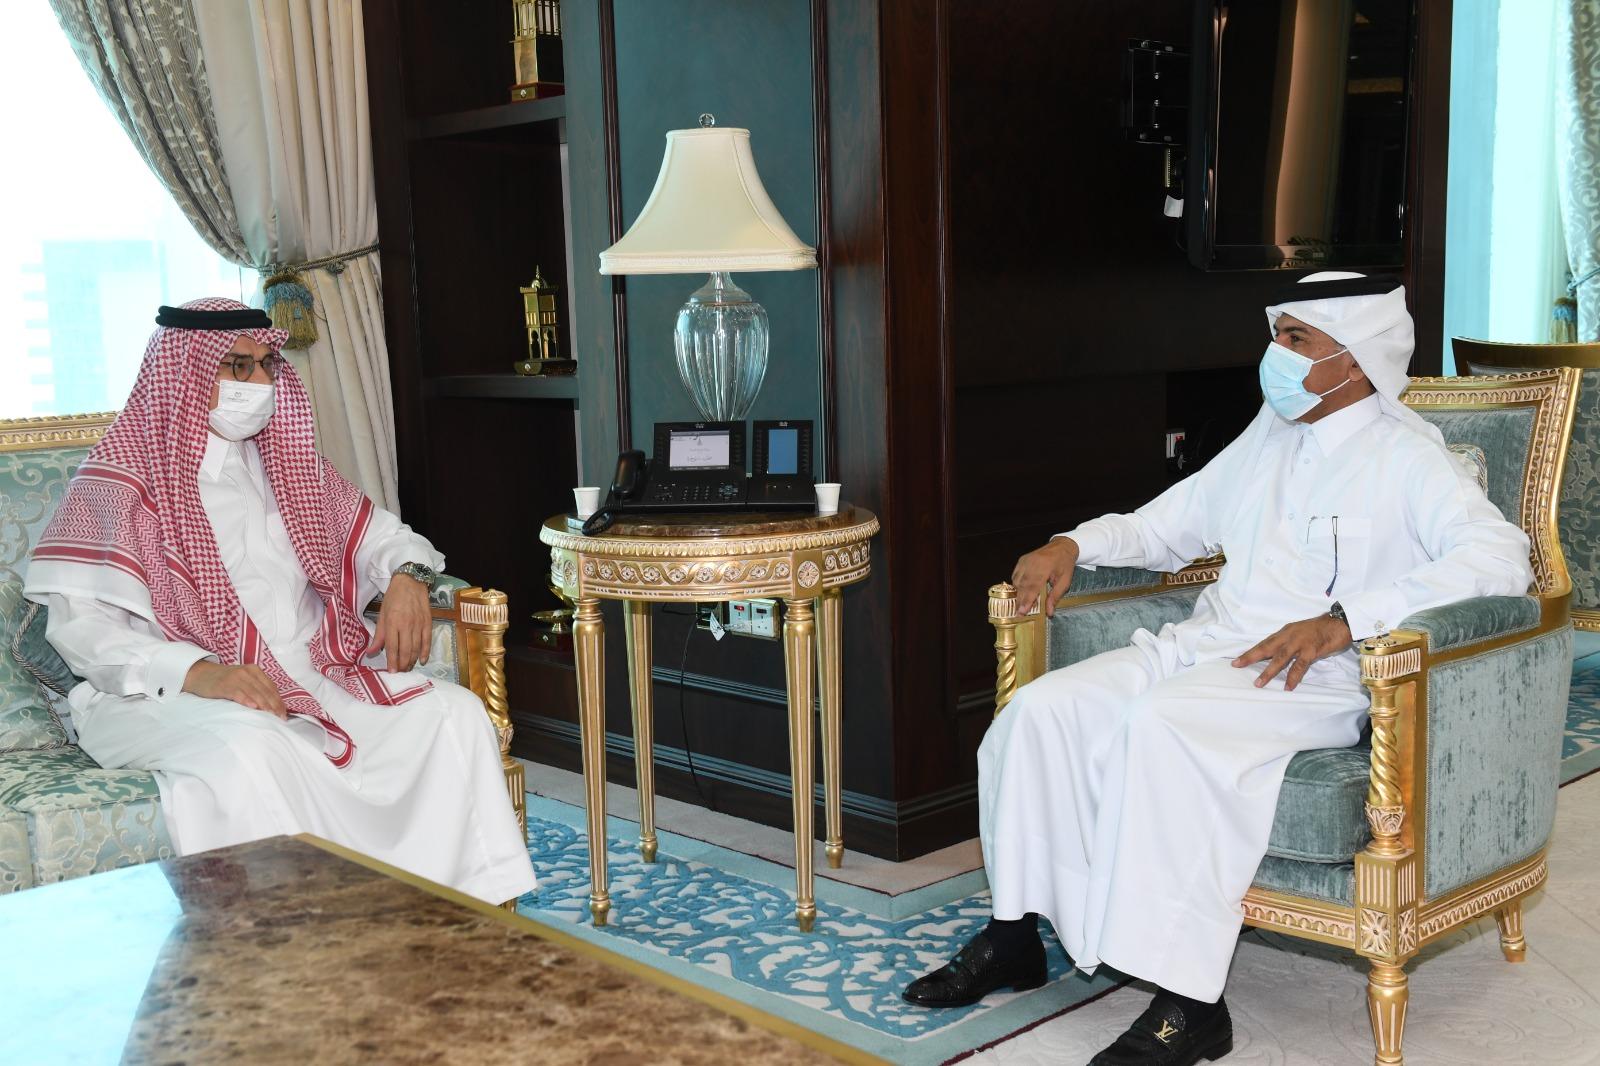 الأمين العام لوزارة الخارجية يجتمع مع السفير السعودي